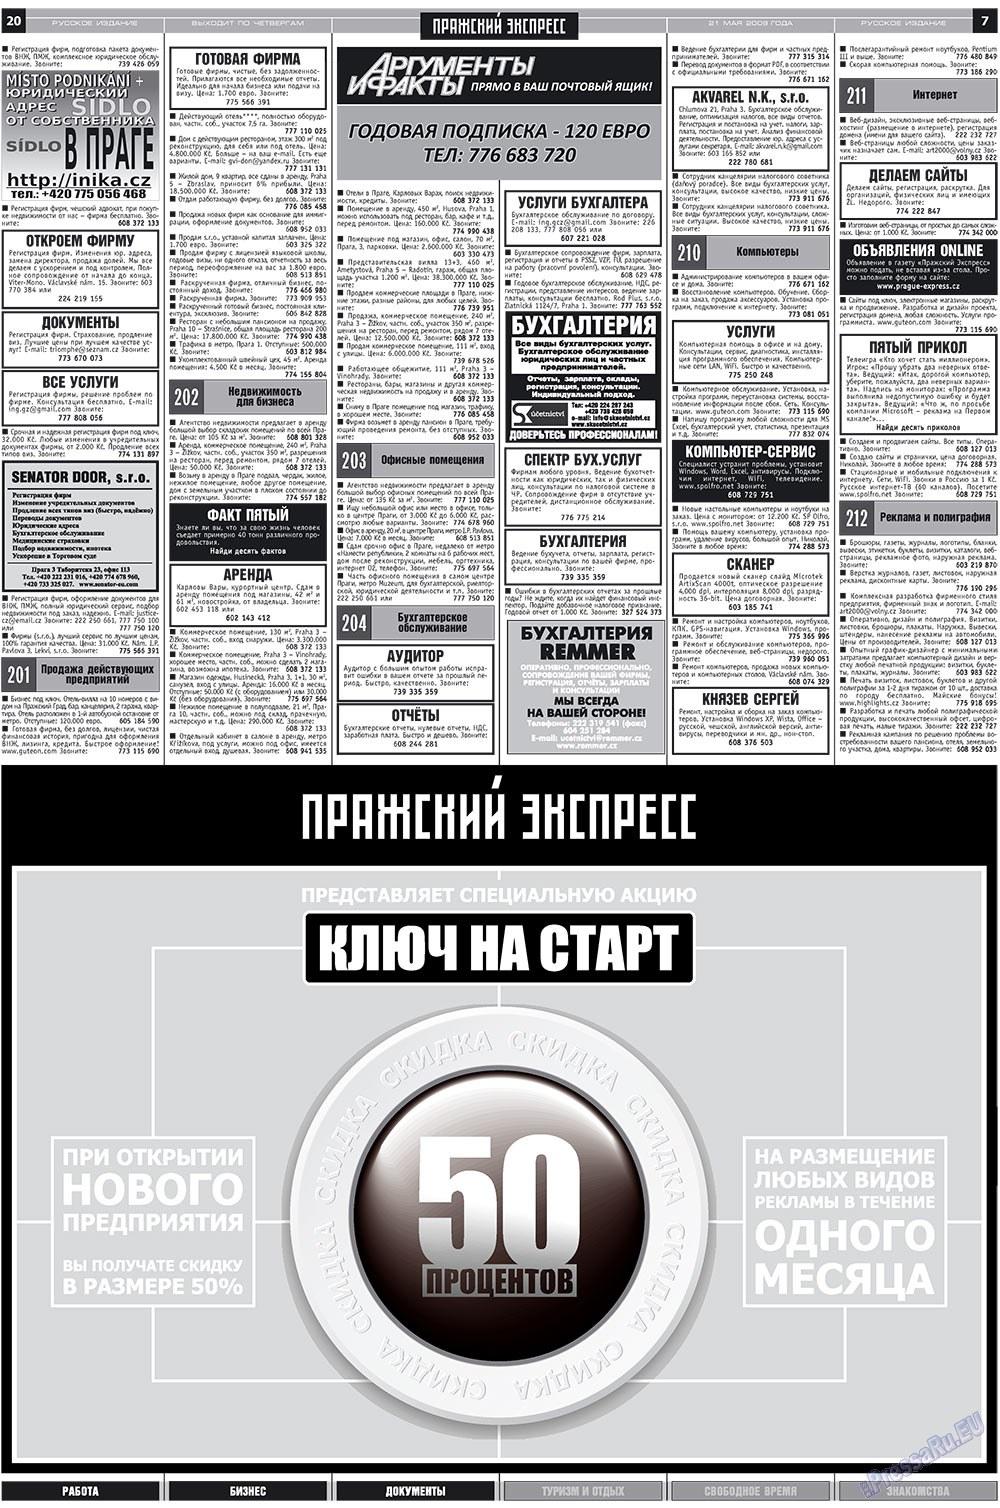 Пражский экспресс (газета). 2009 год, номер 20, стр. 7